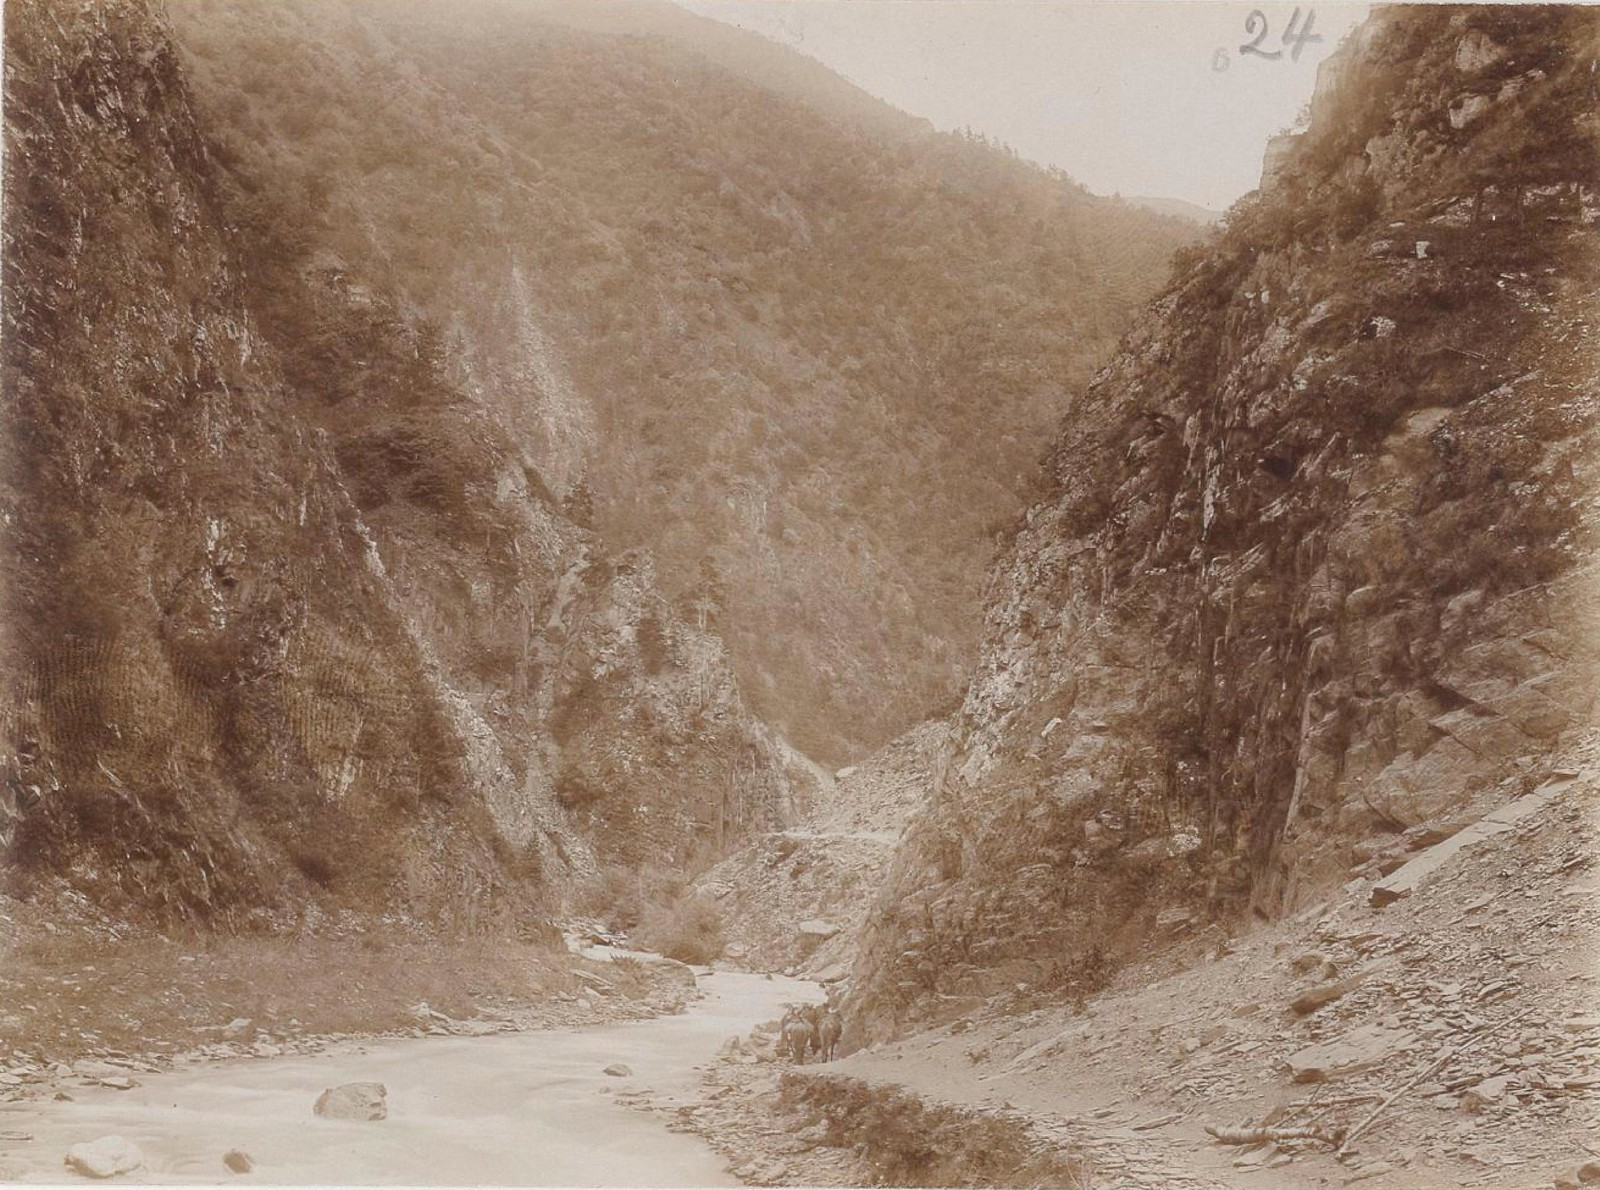 04. Восточный Кавказ. Аргунское ущелье (выше Шатили), июль